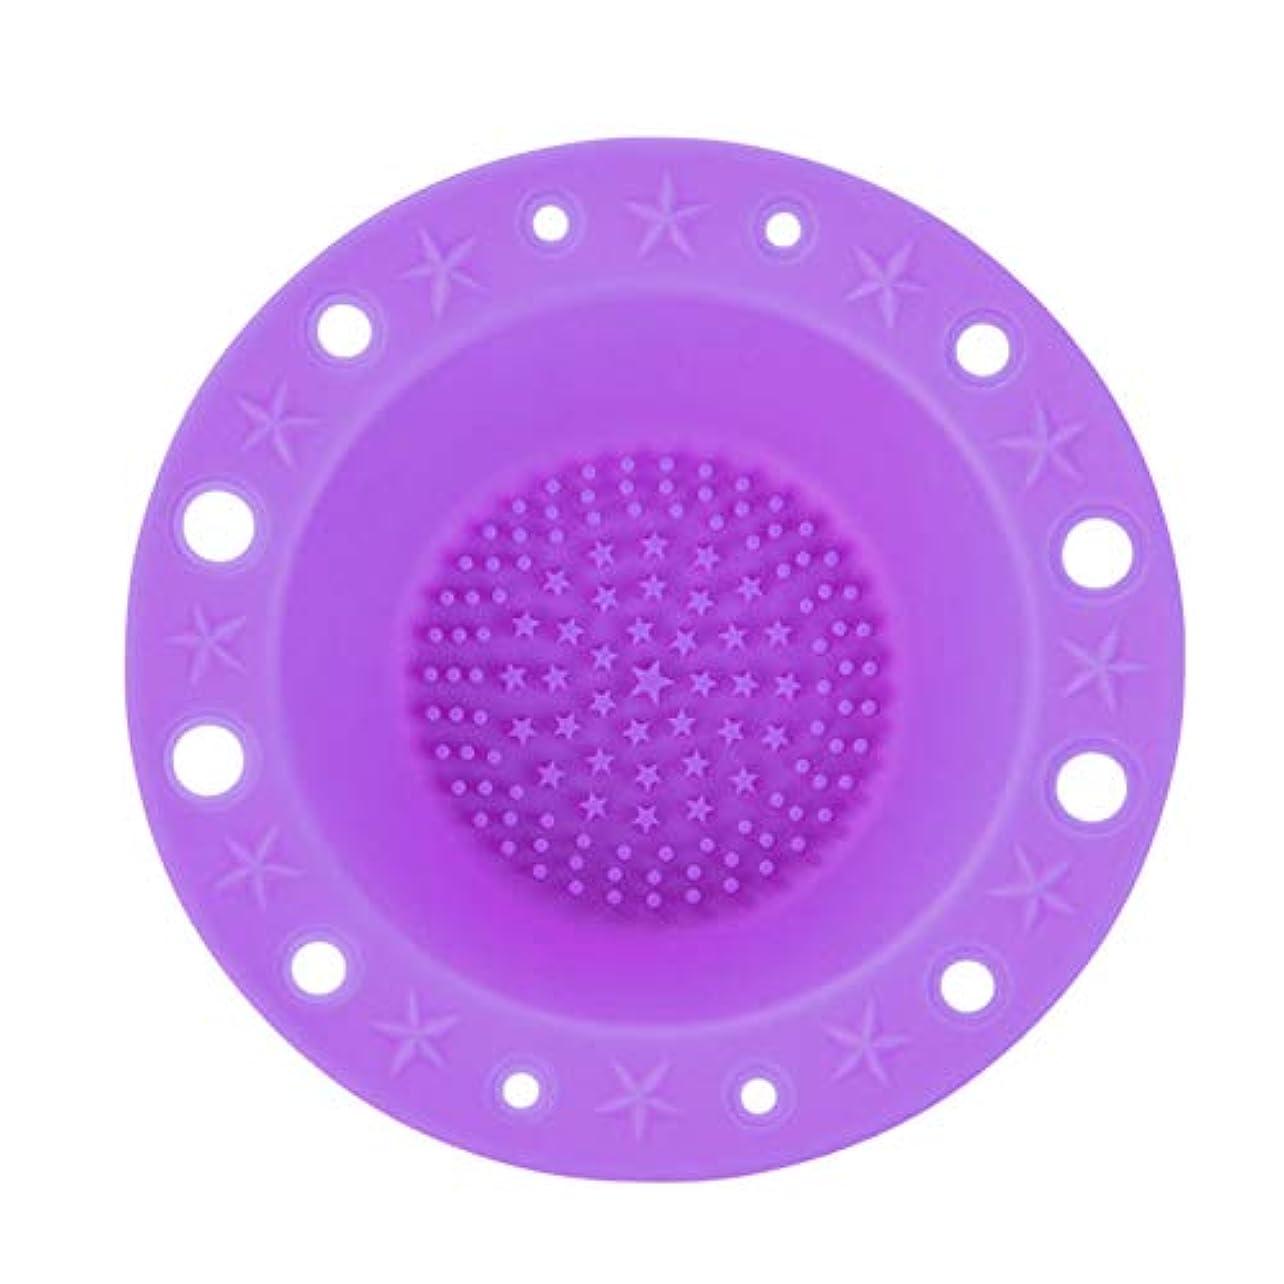 思慮のない正確に漁師CUHAWUDBA シリコンメイクブラシ クリーナークリーニングツール 化粧品ペンホルダー(パープル)